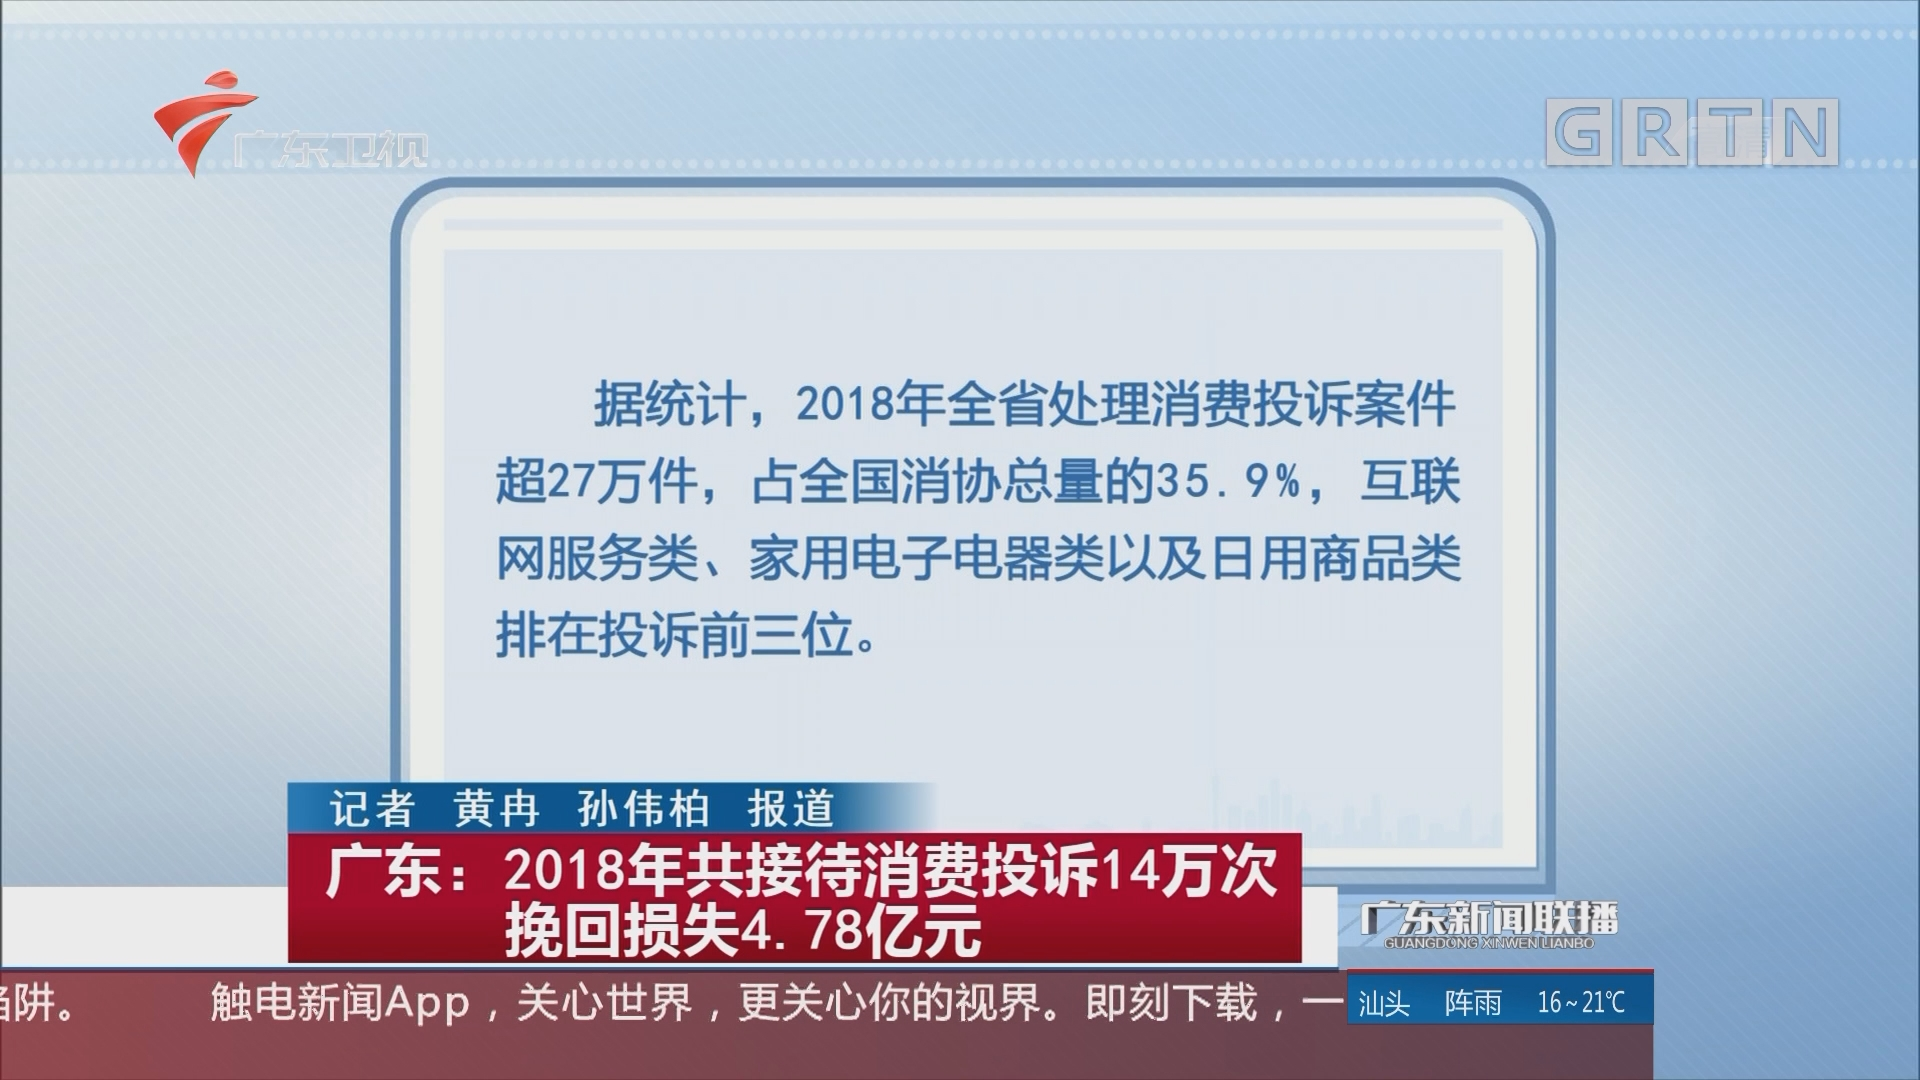 广东:2018年共接待消费投诉14万次 挽回损失4.78亿元